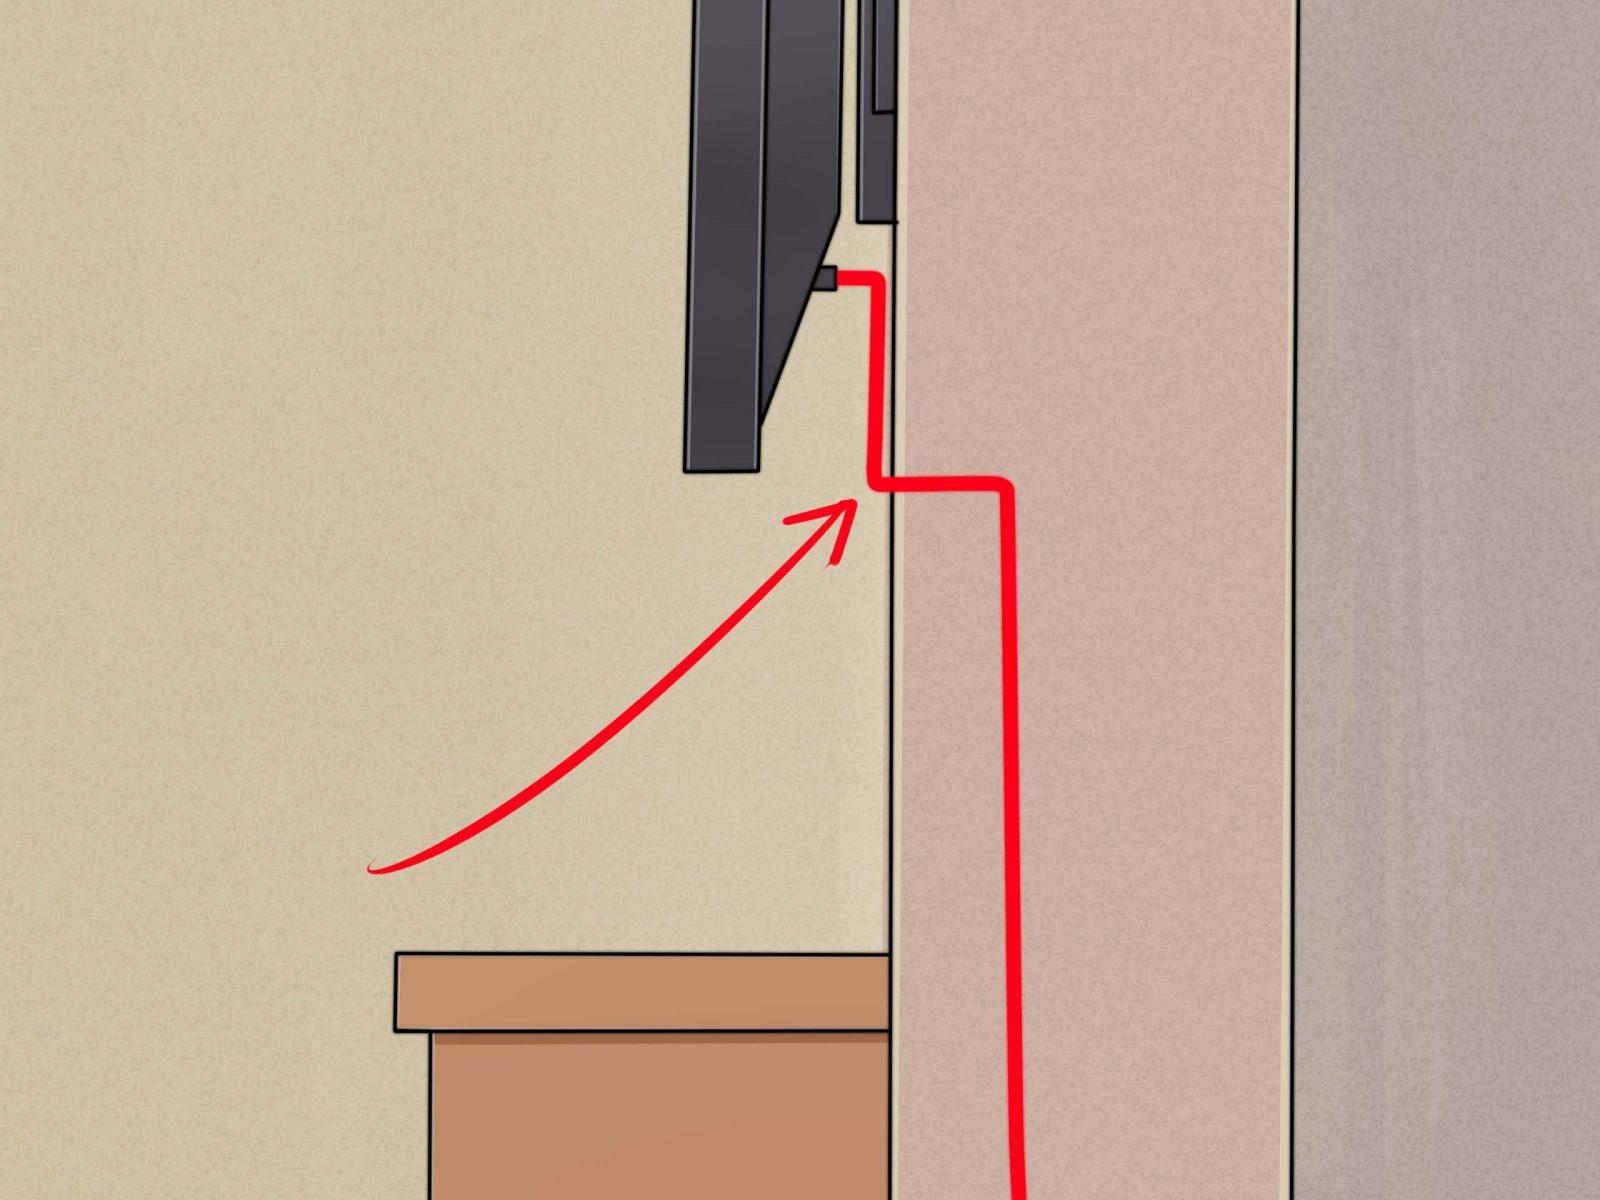 Einen Flachbildfernseher Ohne Sichtbare Kabel An Die Wand Montieren von Fernseher An Die Wand Hängen Kabel Verstecken Photo